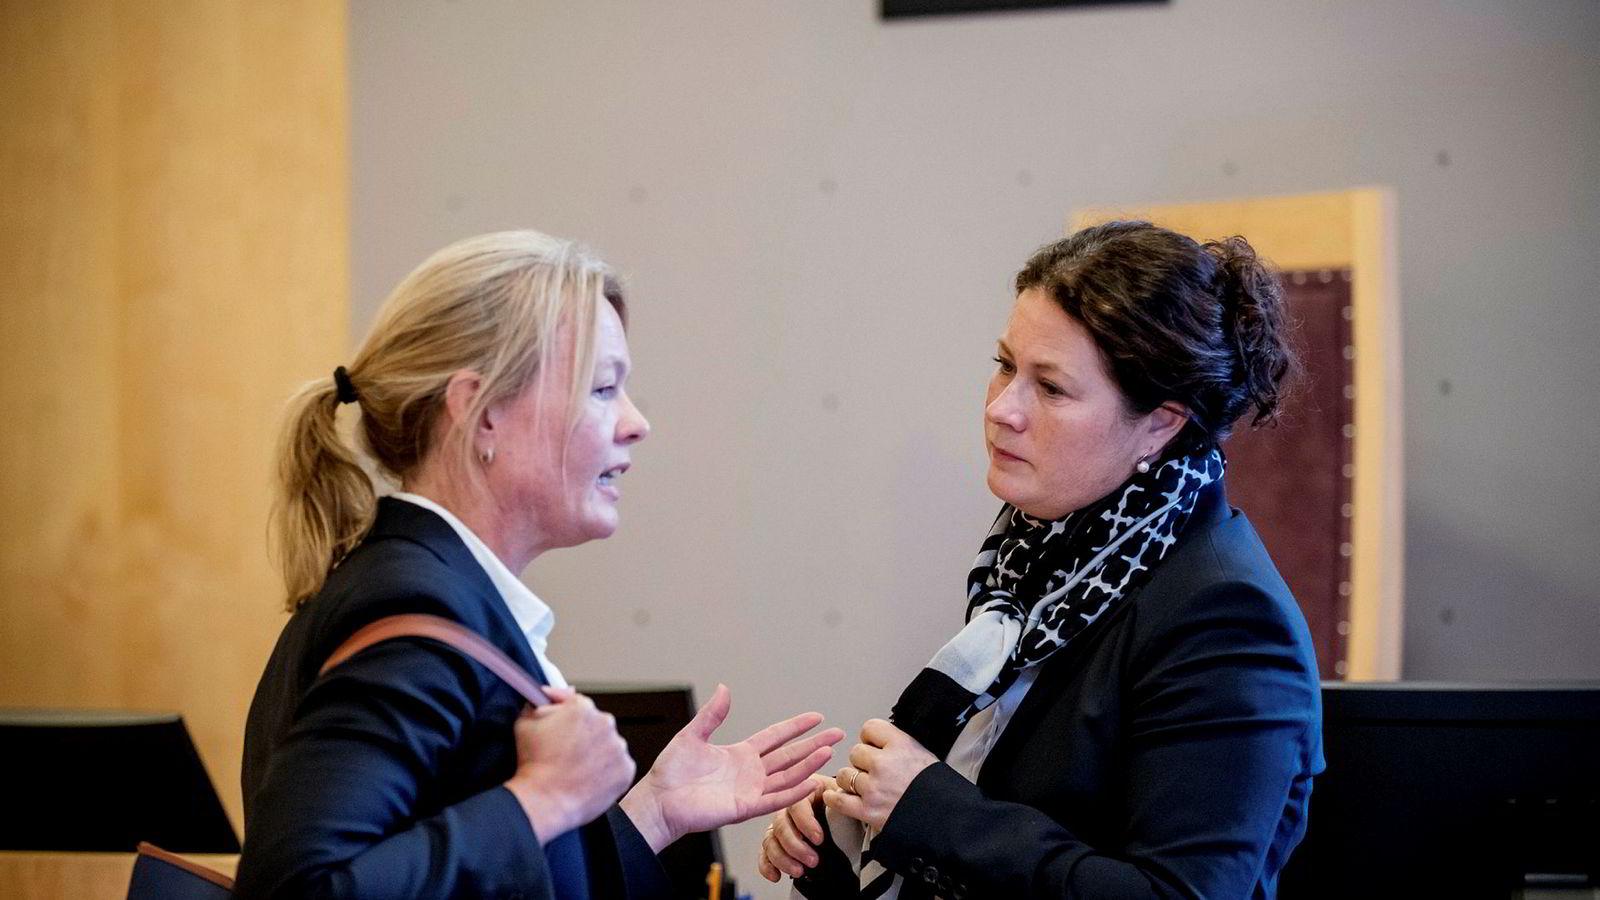 Aktor Anna Haugmoen Mo (til høyre) mener de tidligere toppene i Tine og Tetra Pak utvekslet forretningssensitiv informasjon om melkekartongkonkurrenten Elopak. Her er hun i samtale med Ann Johnsen som er forsvareren til Tines tidligere innkjøpsdirektør Hårek Skotnes.